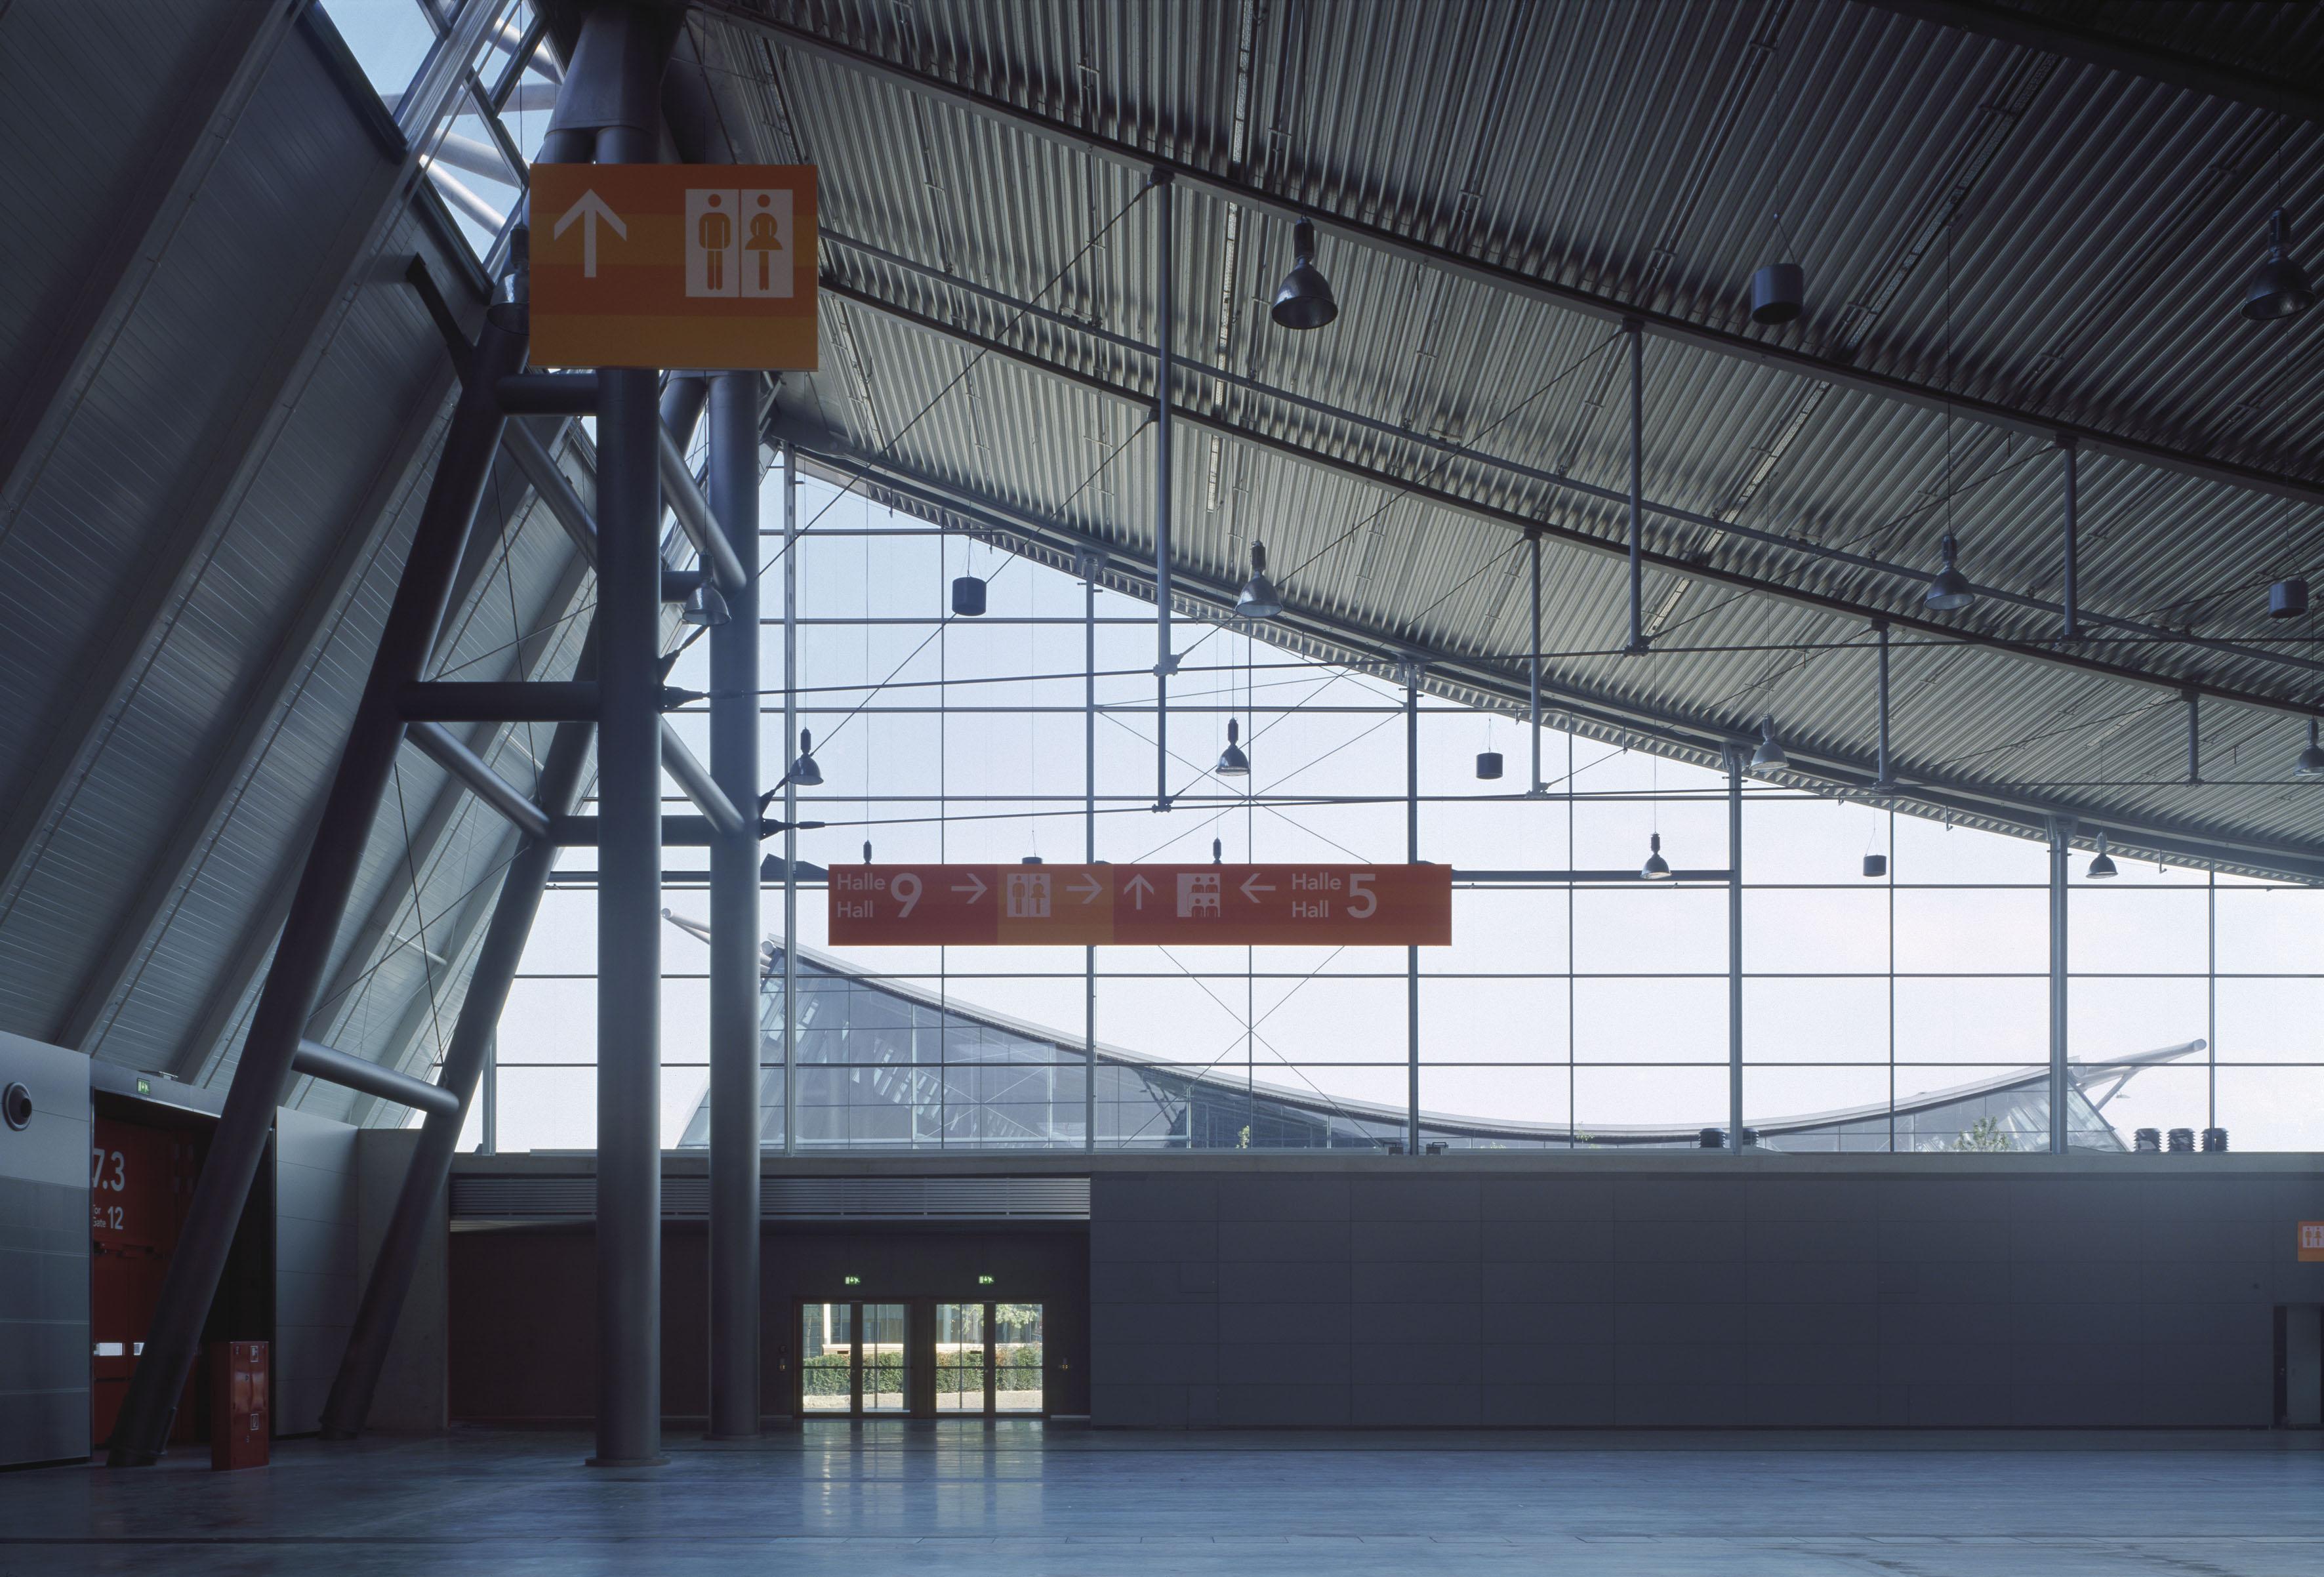 Hat die regionale Herbstfachmesse Zukunft?